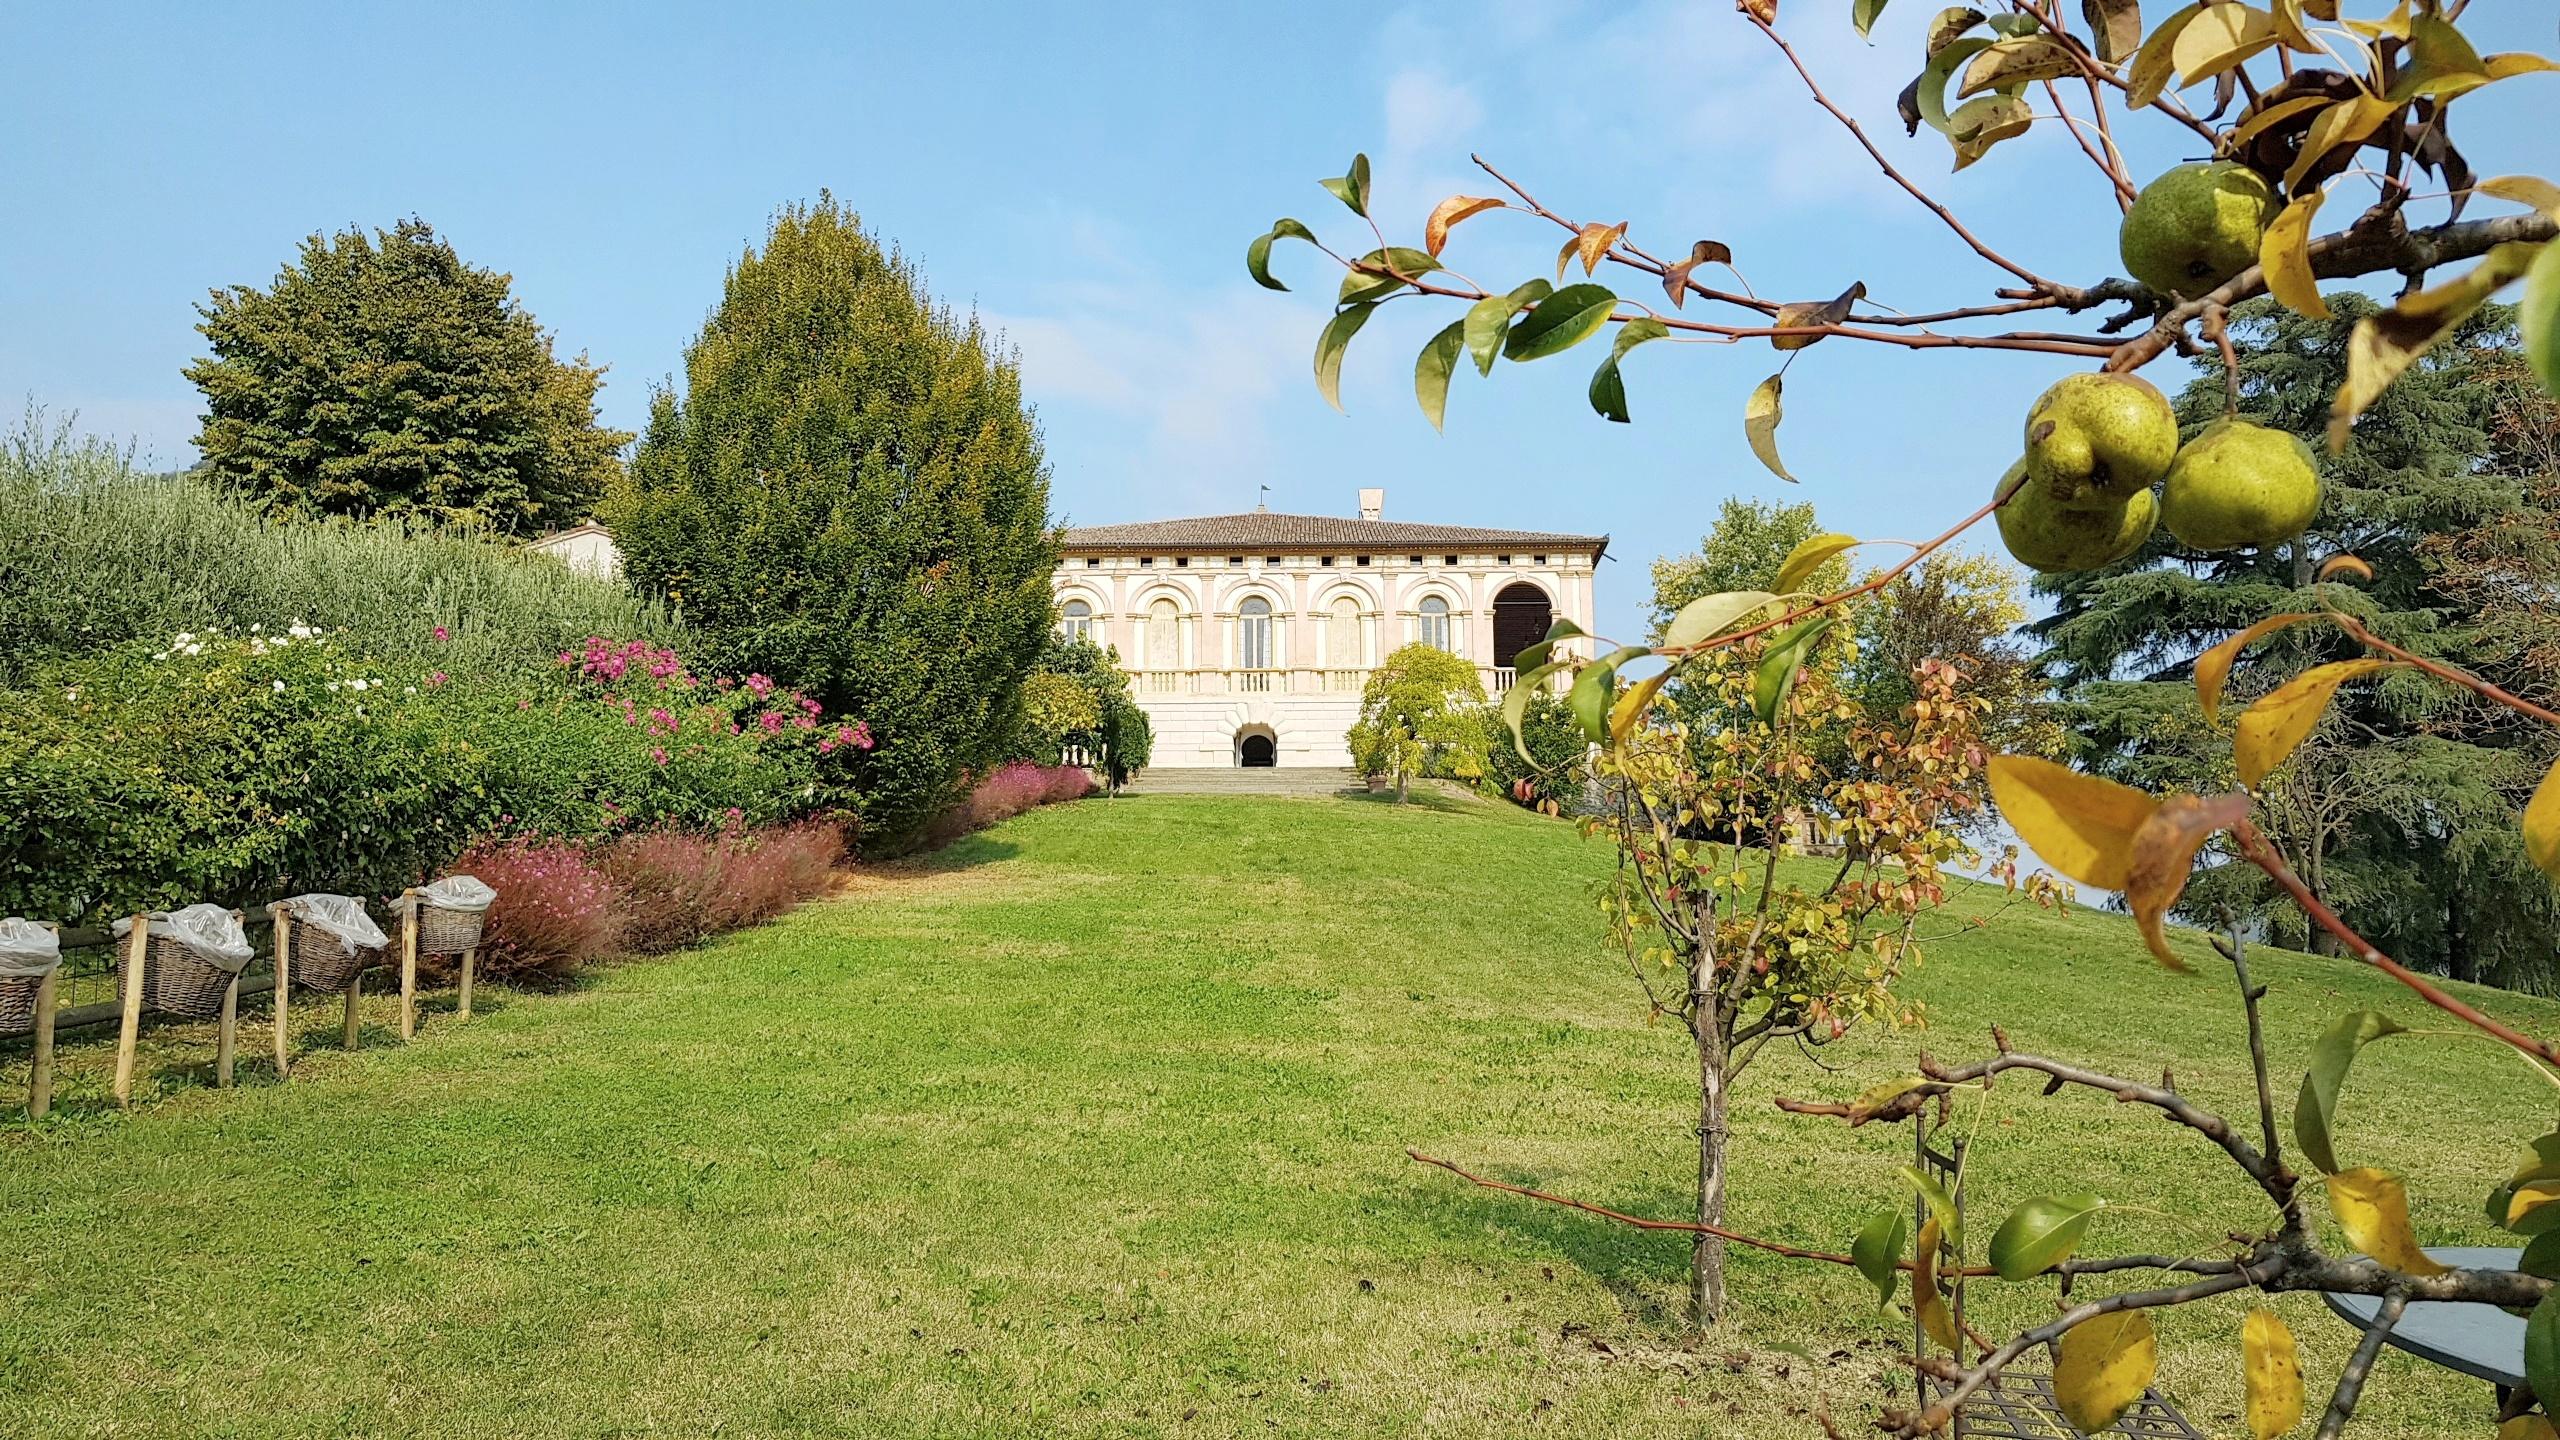 Villa dei Vescovi: quelle domeniche in cui torni bambina